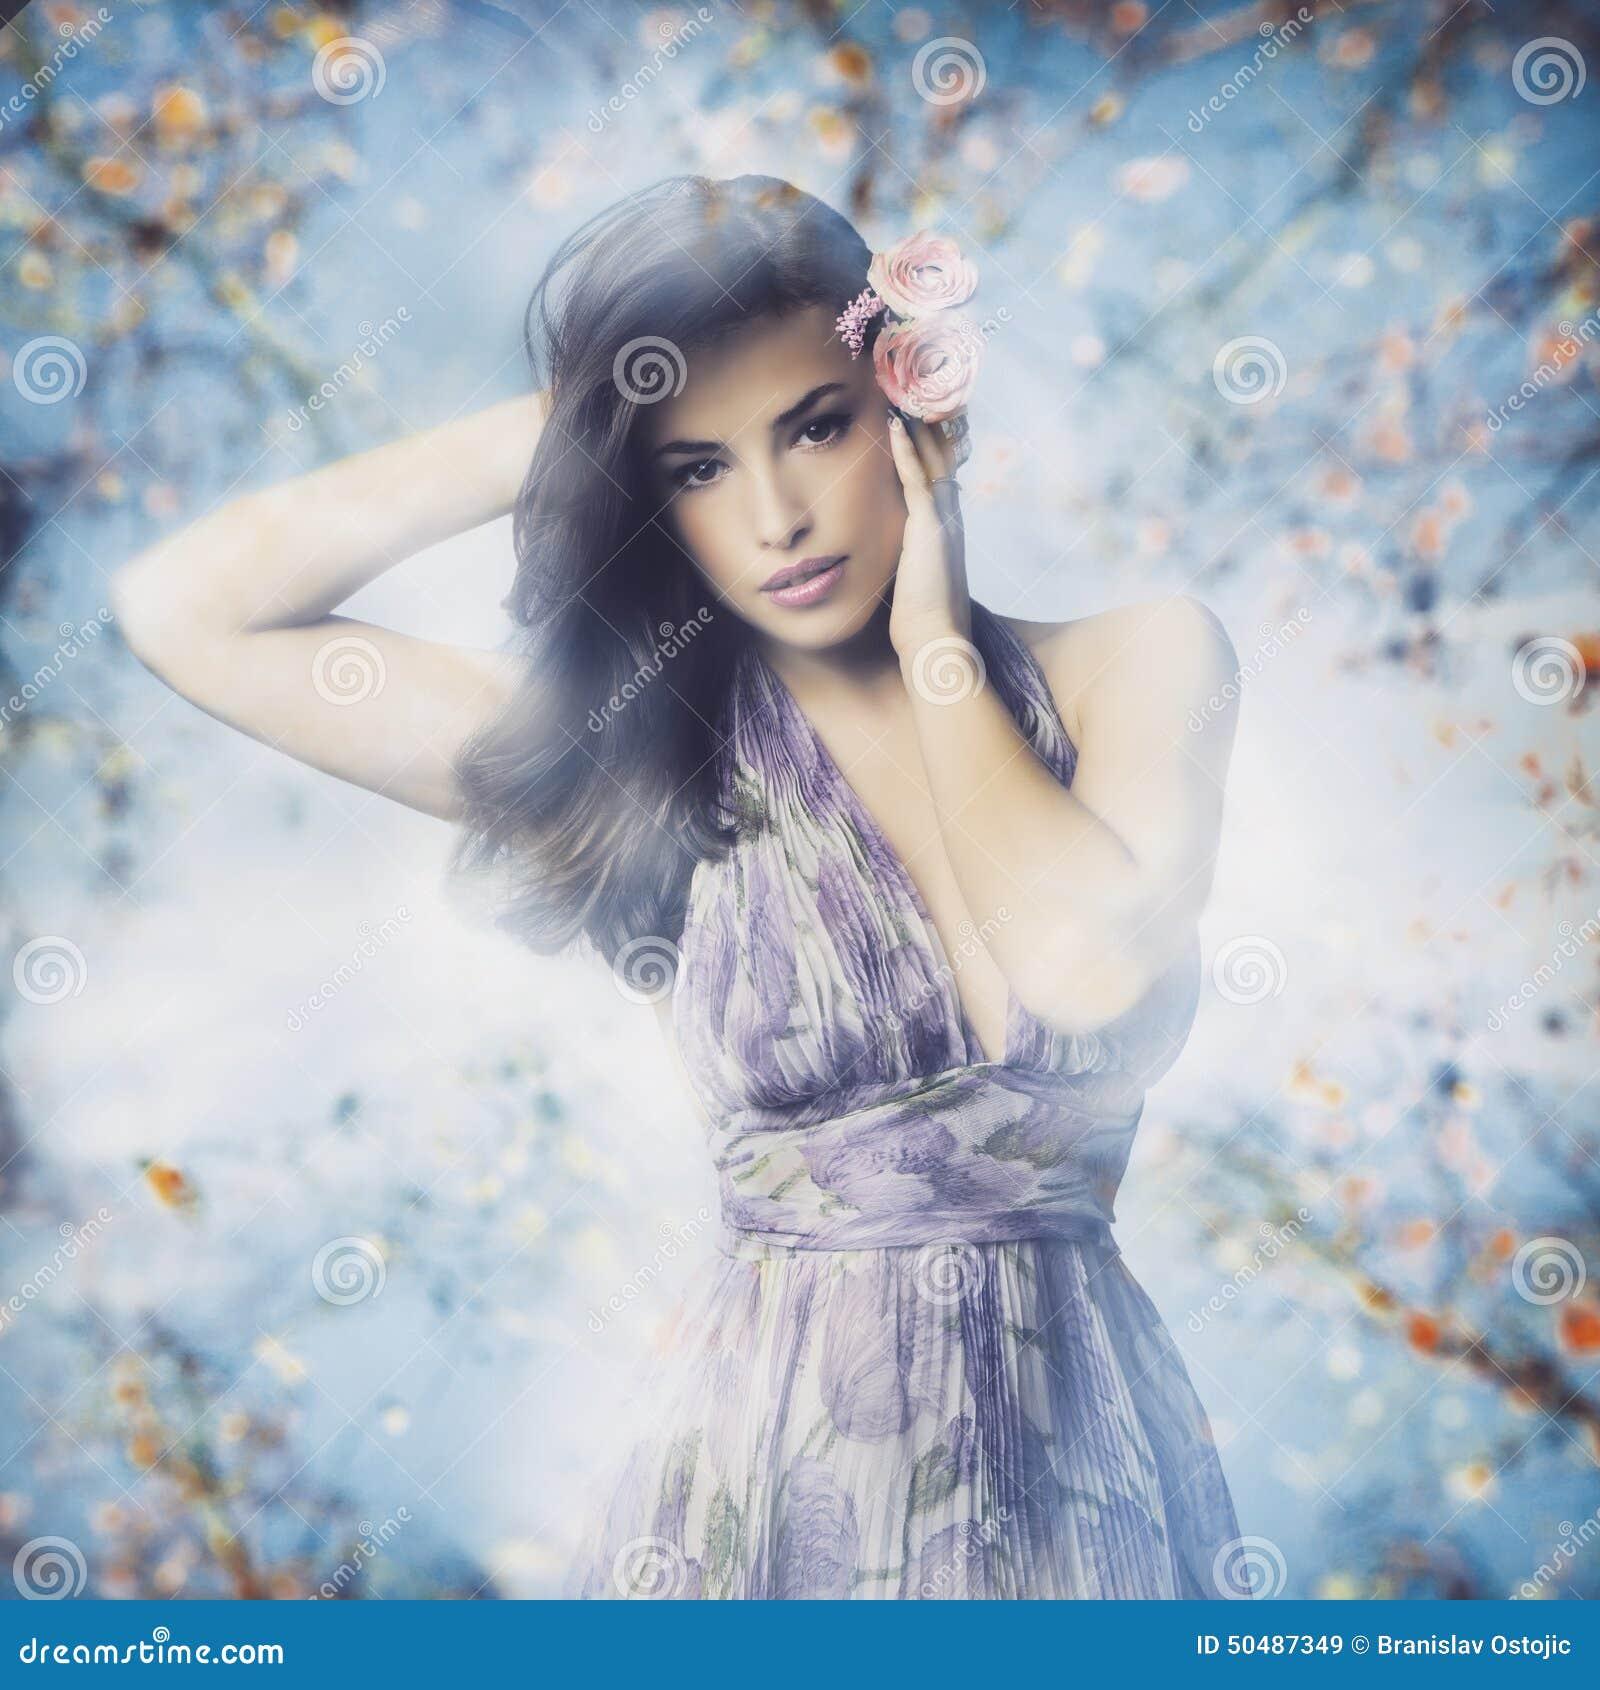 Classy And Glamorous Photo: Spring Girl Stock Image. Image Of Elegant, Nature, Female